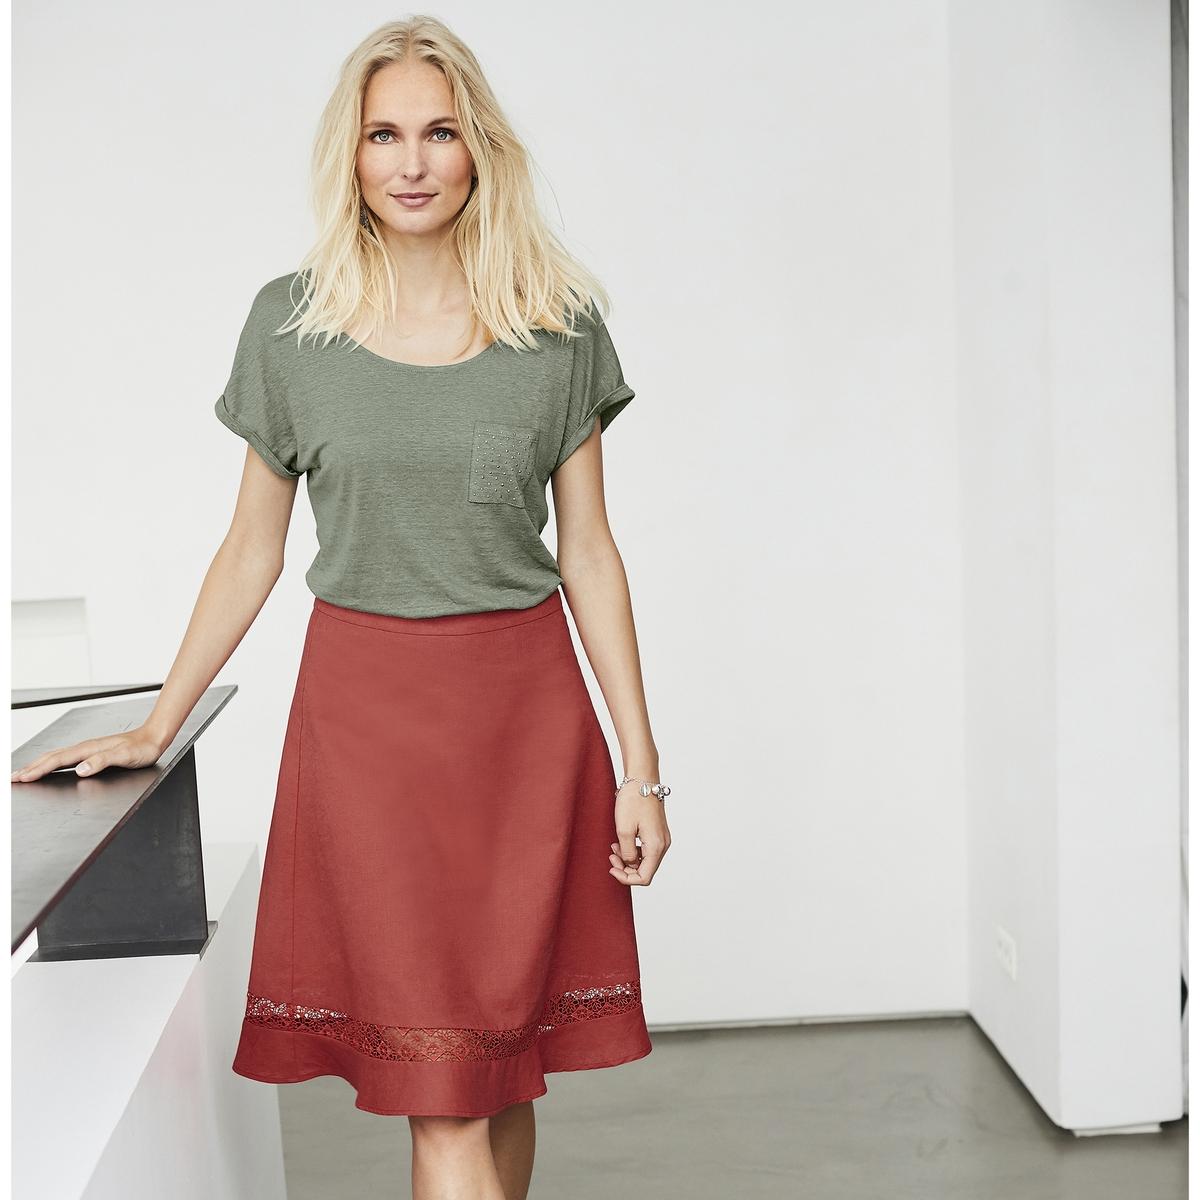 Imagen secundaria de producto de Camiseta con cuello redondo, 100% lino - Anne weyburn